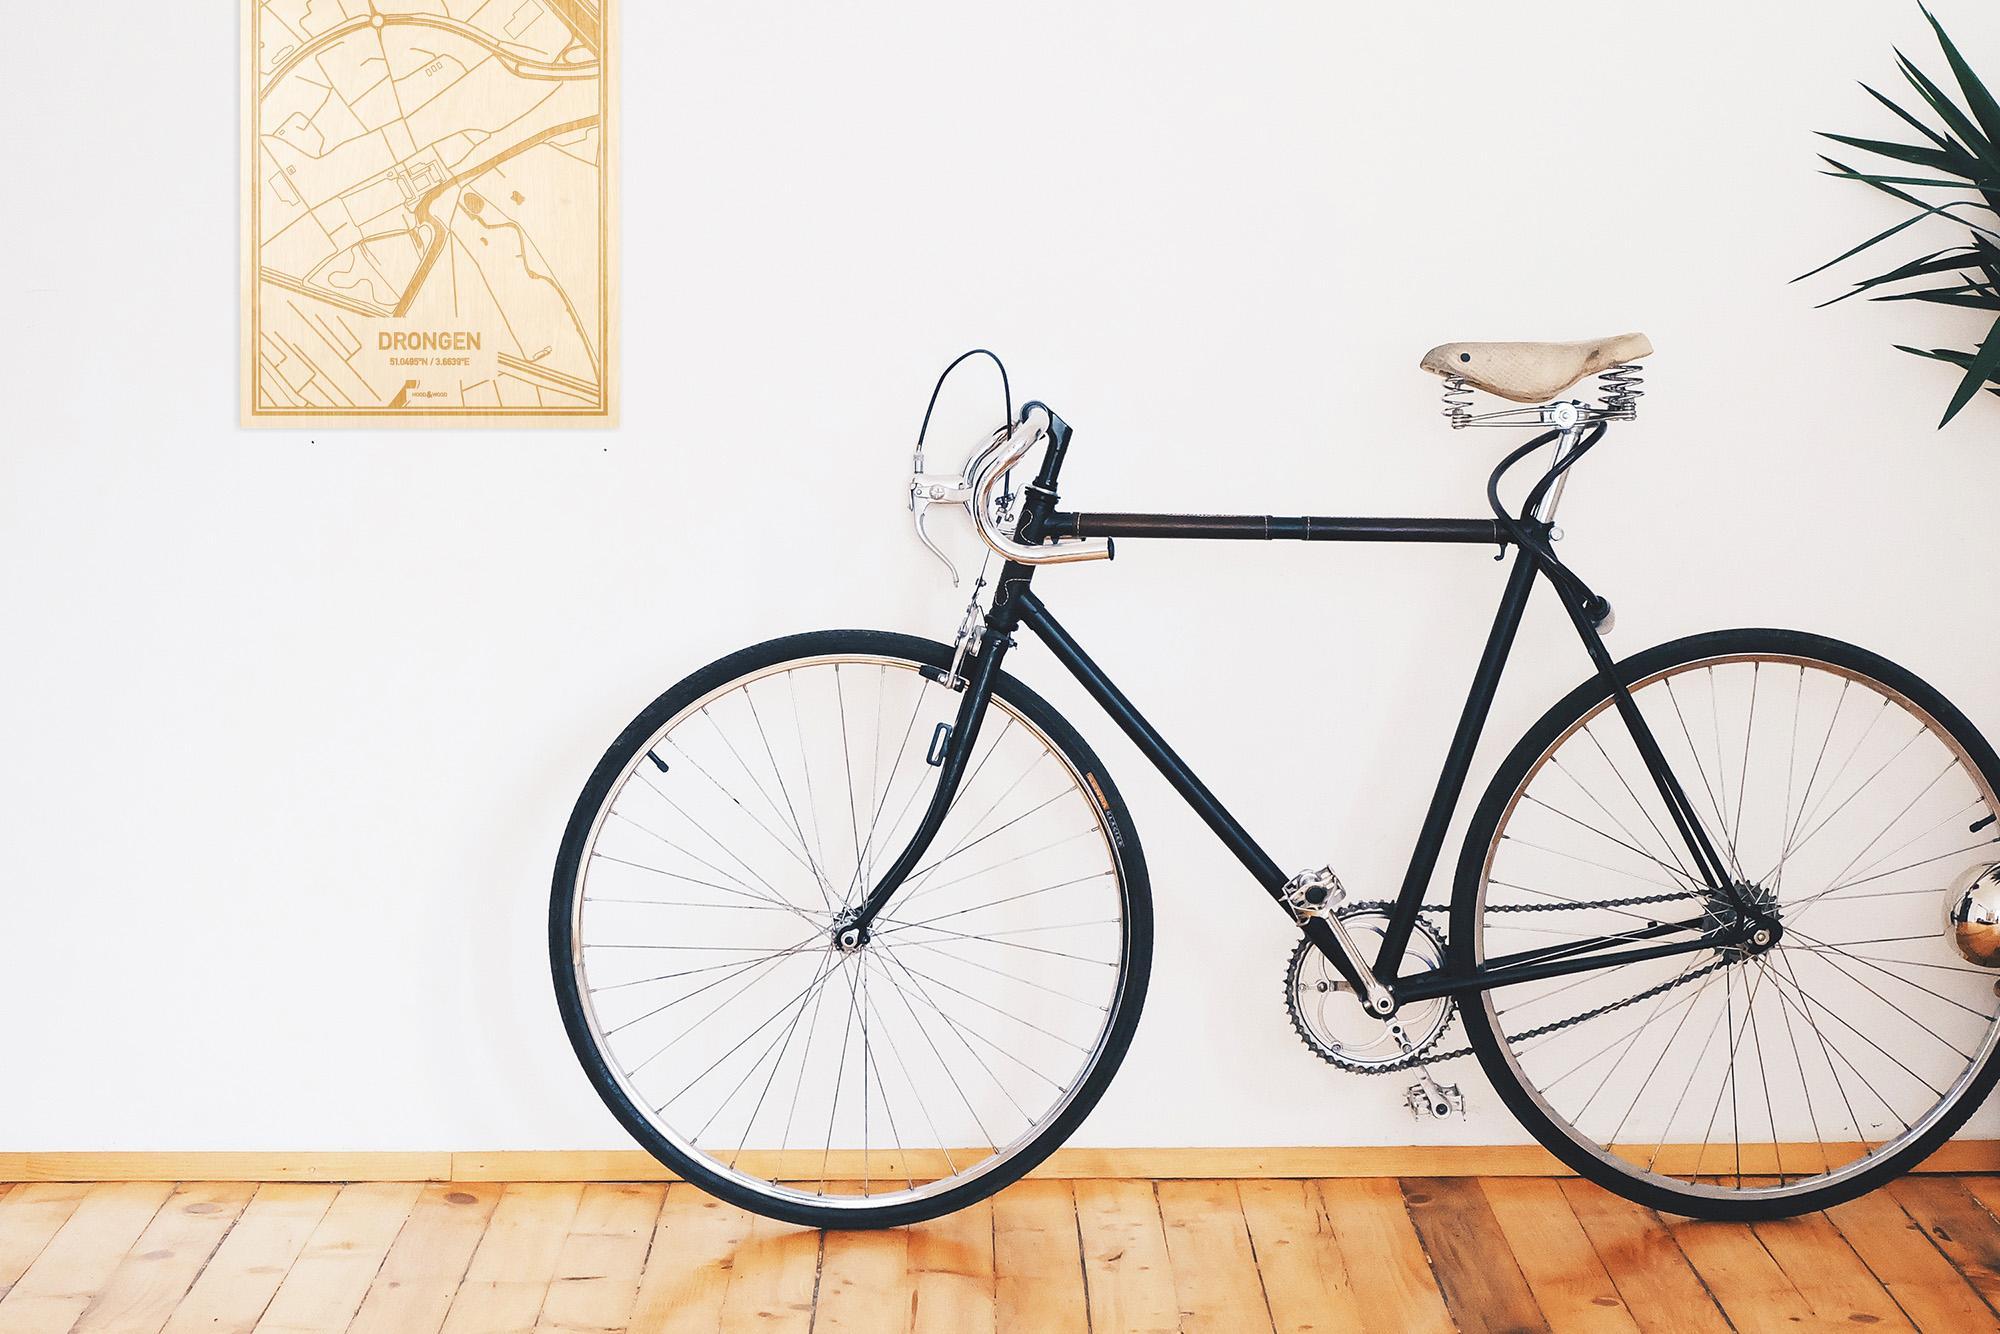 Een snelle fiets in een uniek interieur in Oost-Vlaanderen  met mooie decoratie zoals de plattegrond Drongen.